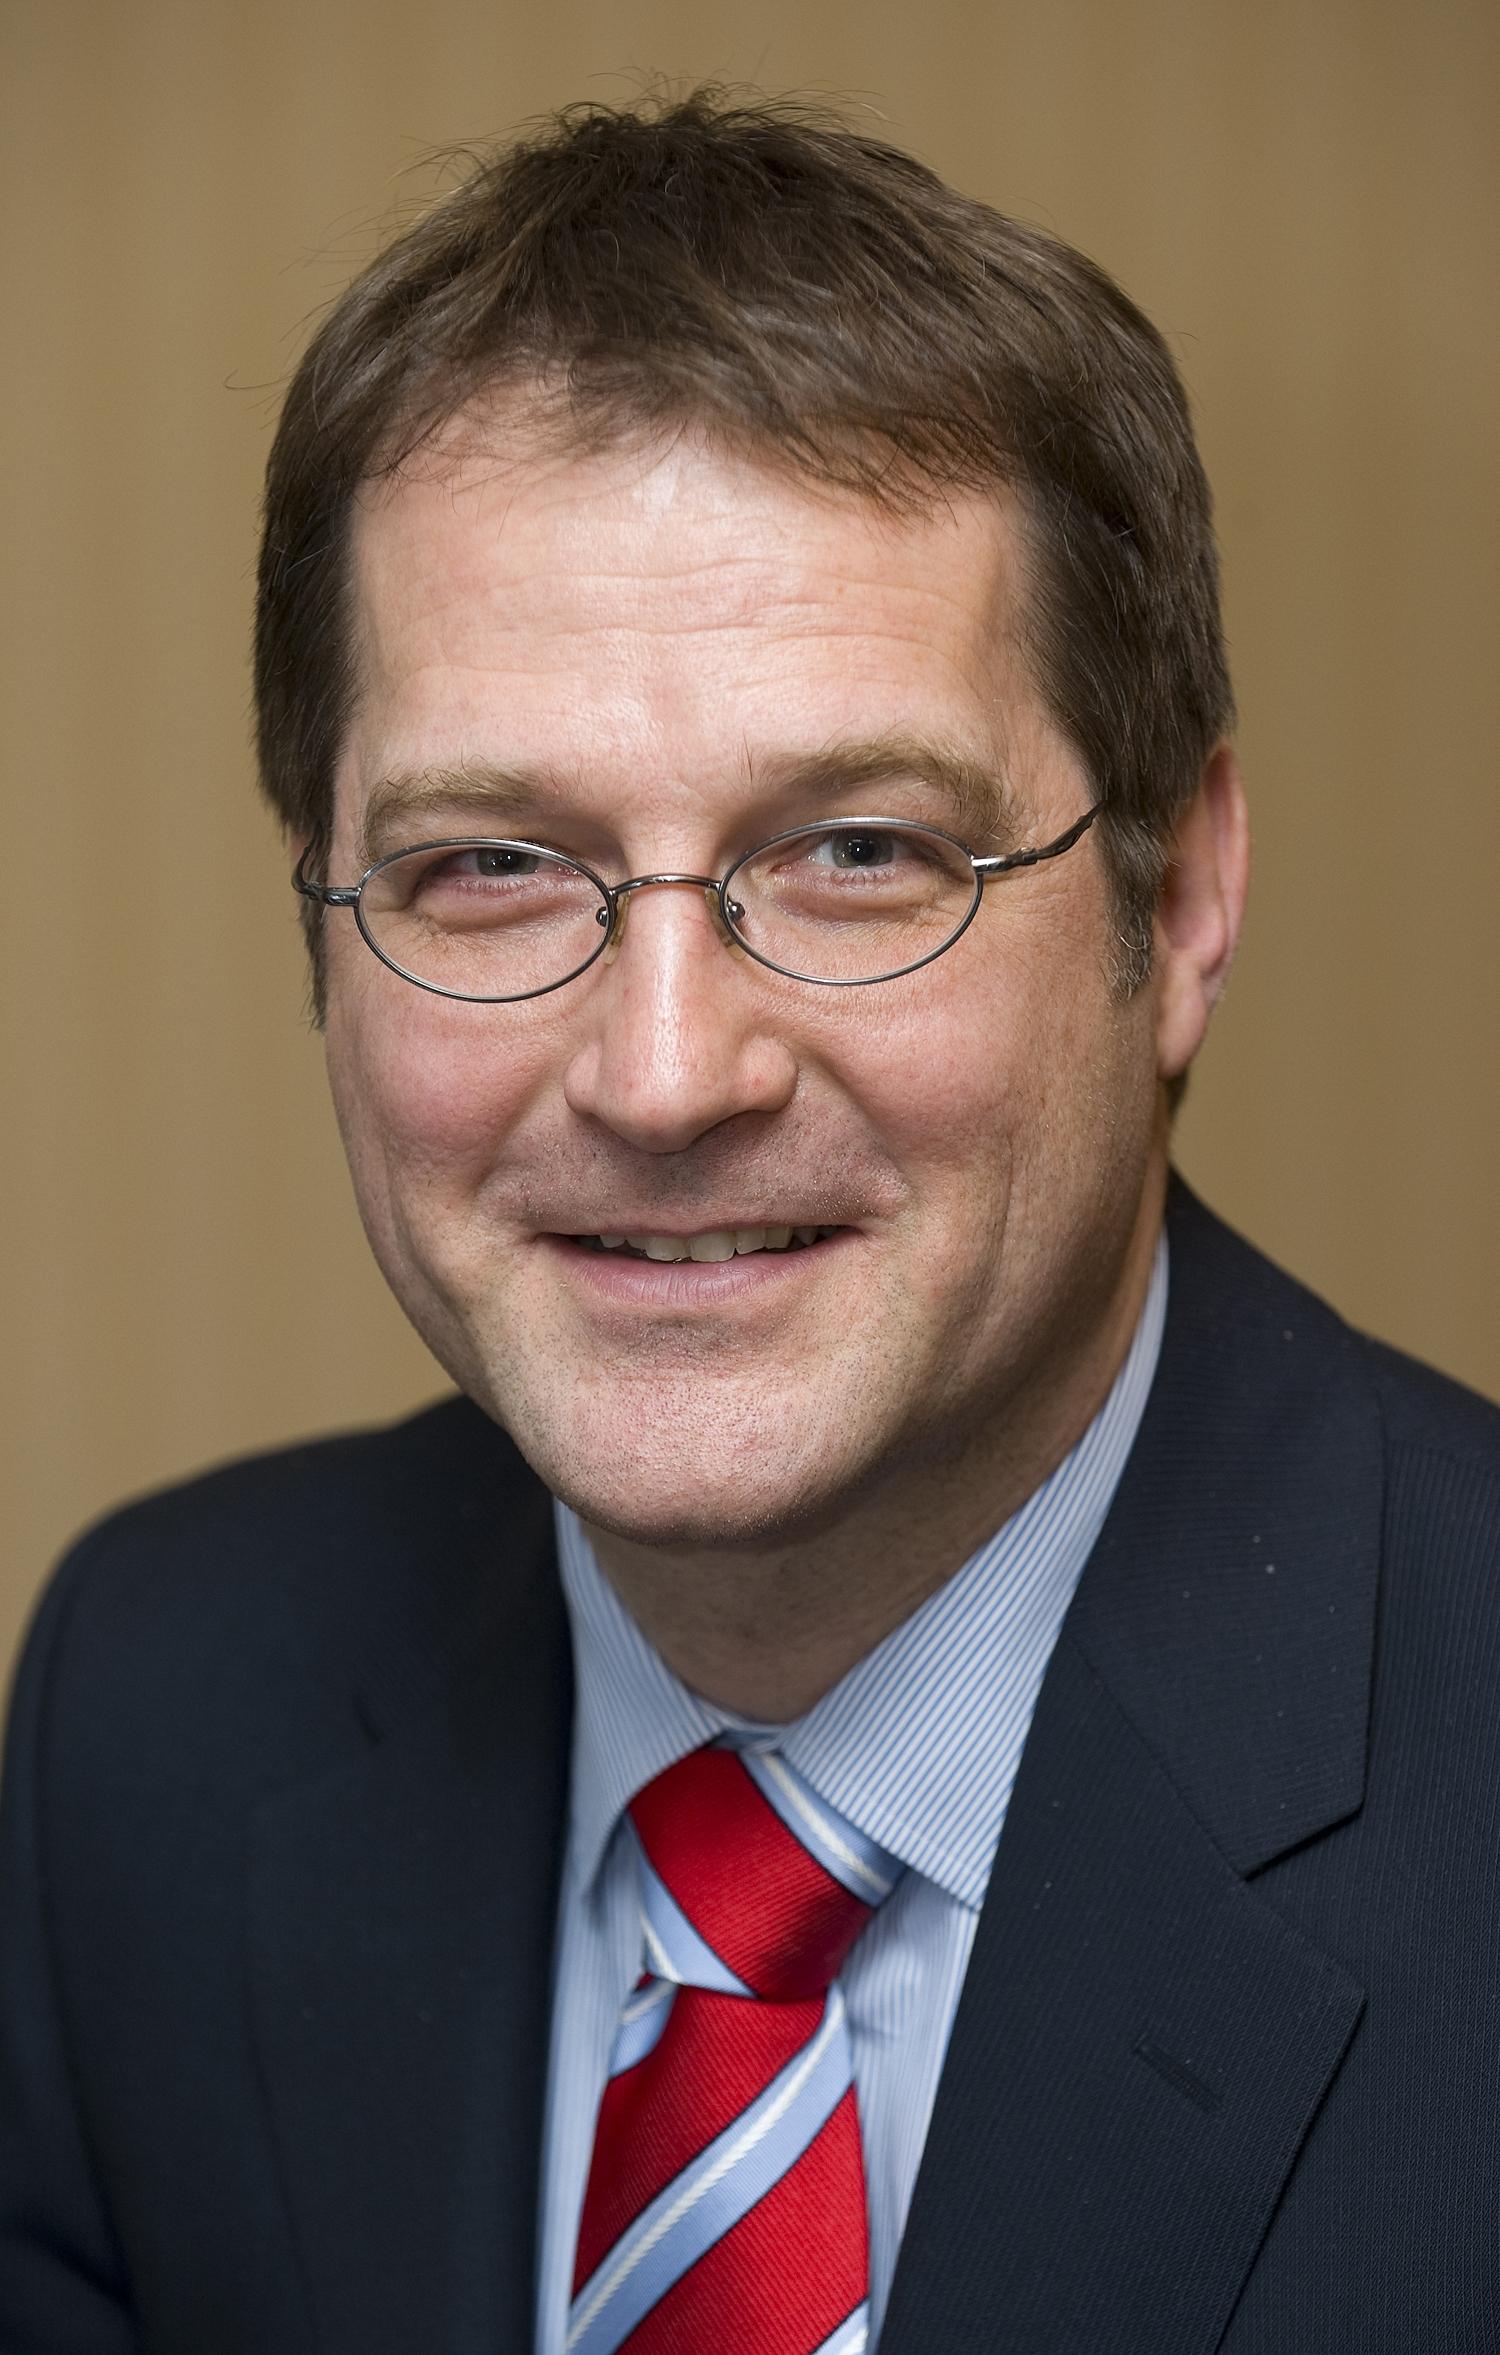 Volker Wieland, Ph.D.